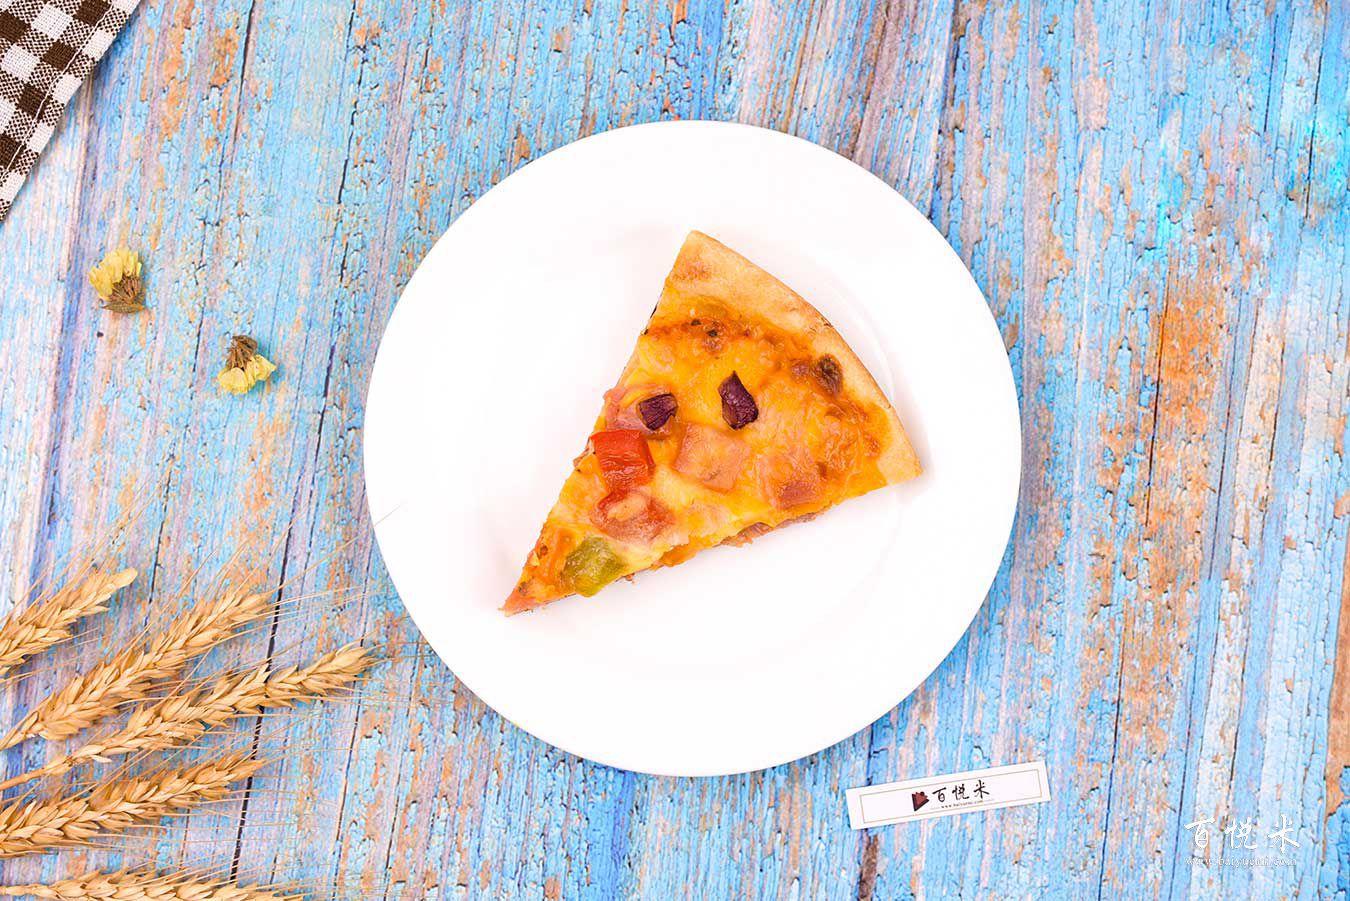 培根披萨高清图片大全【蛋糕图片】_786